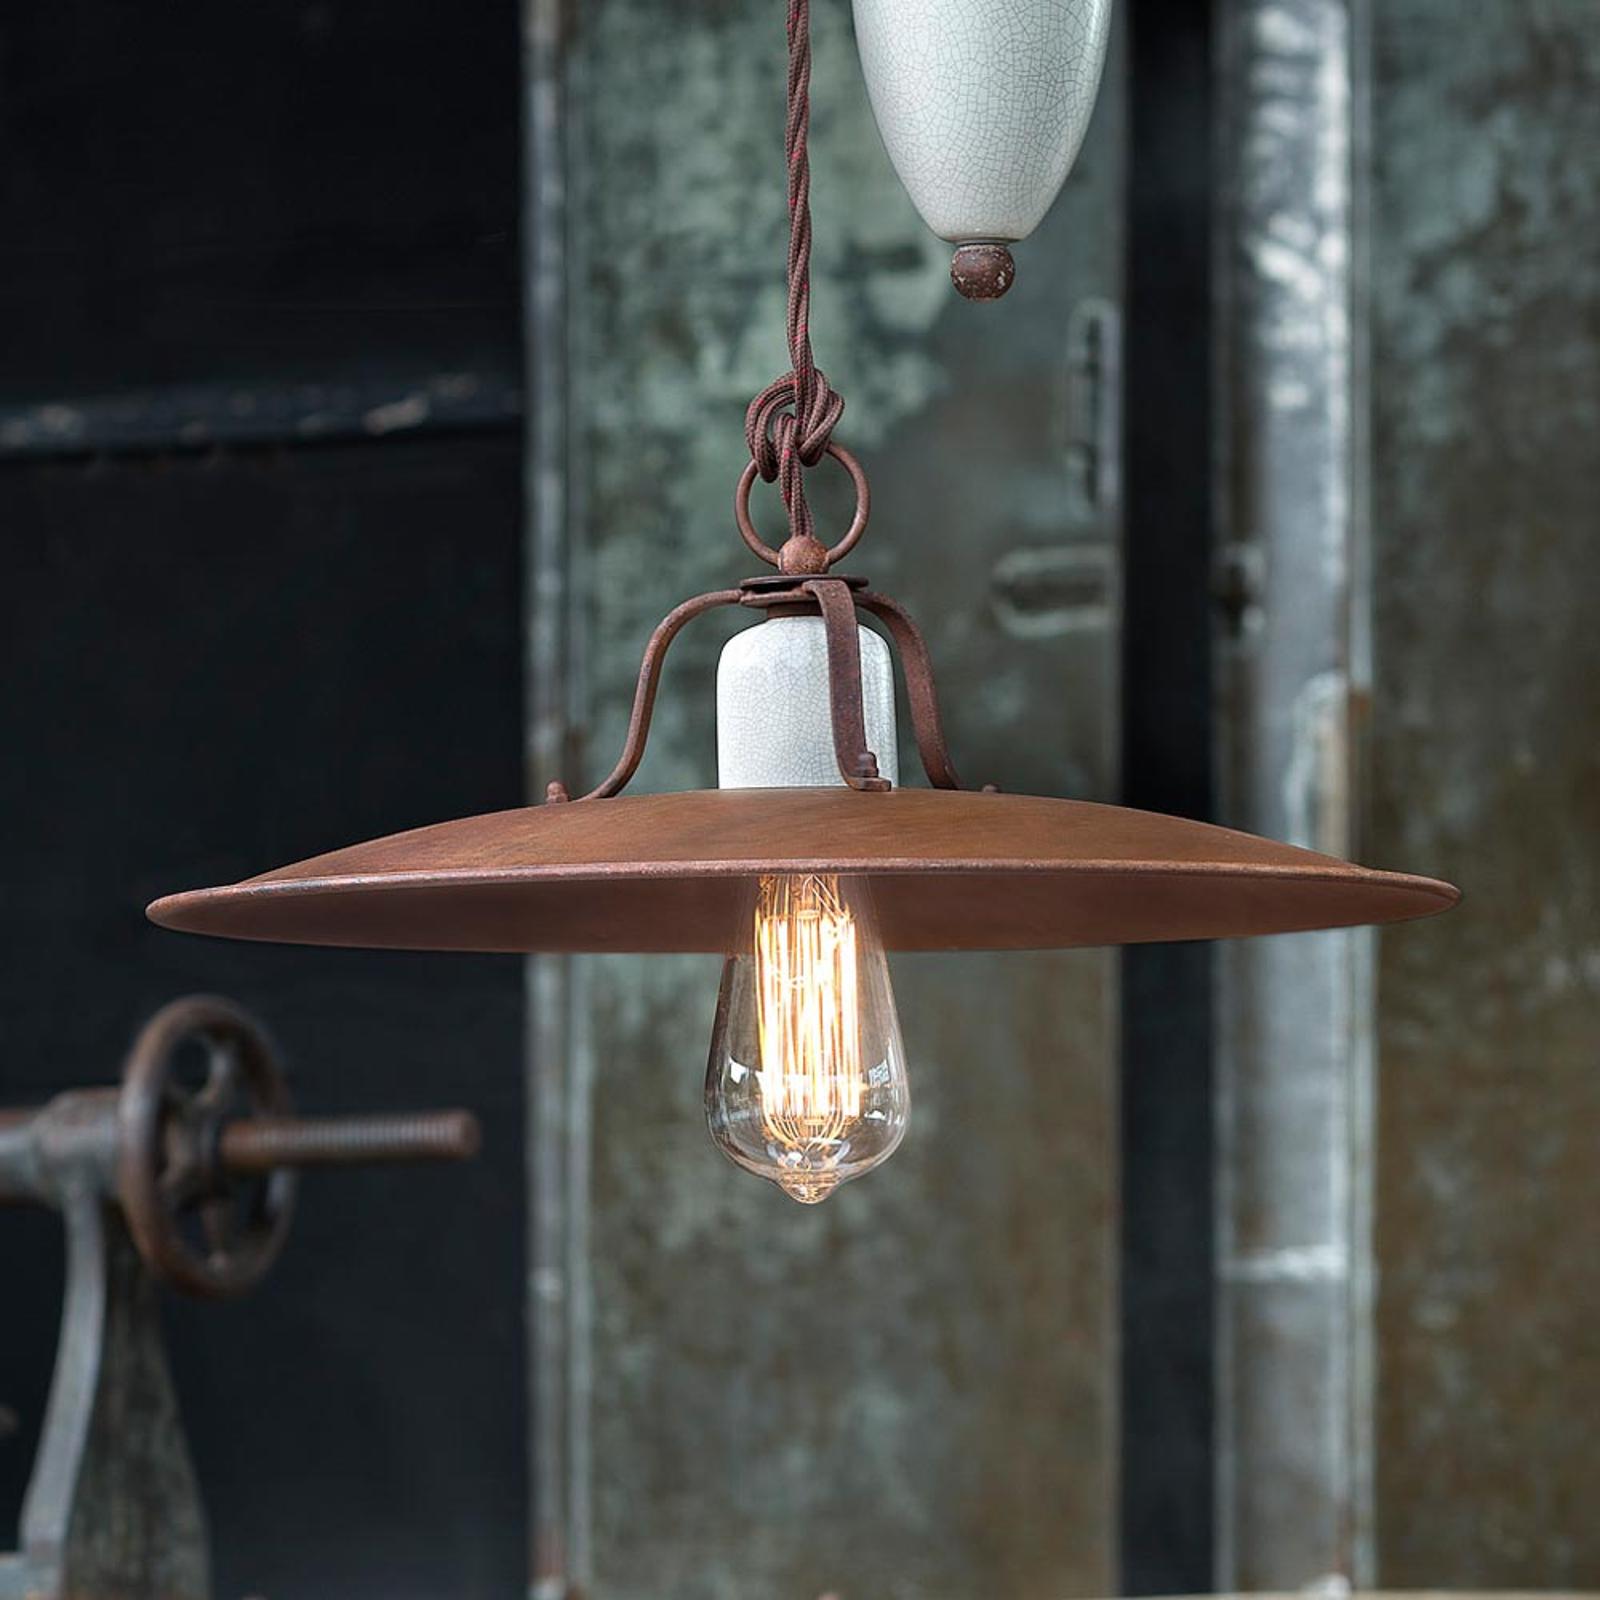 Lampa wisząca Riccardo z mechanizmem linkowym